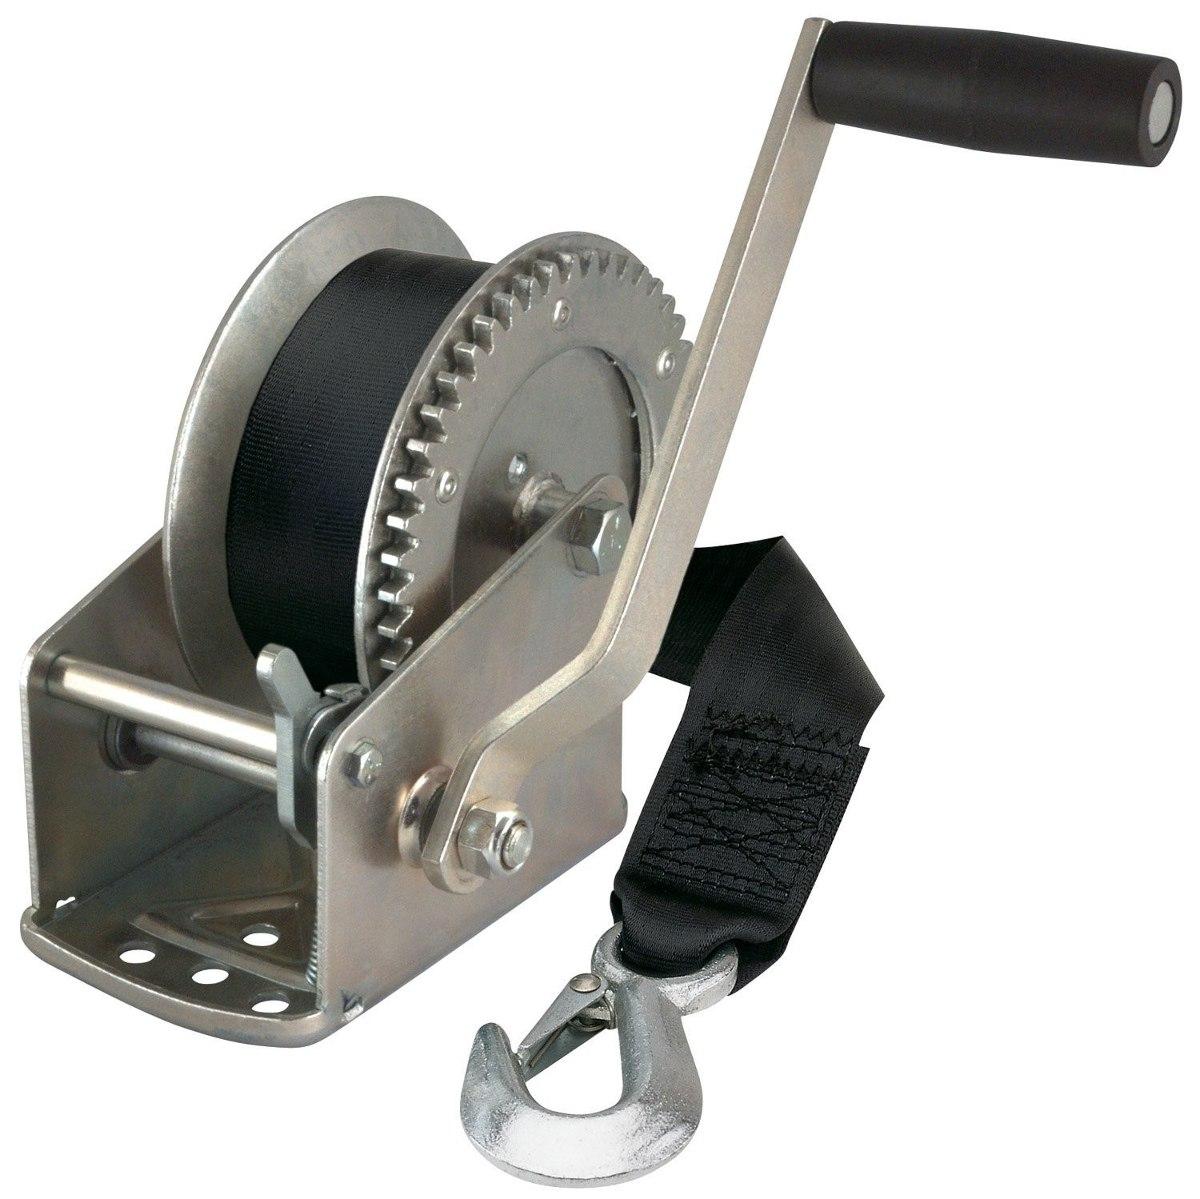 Winche Manual Reese Towpower 74329 2 214 23 En Mercado